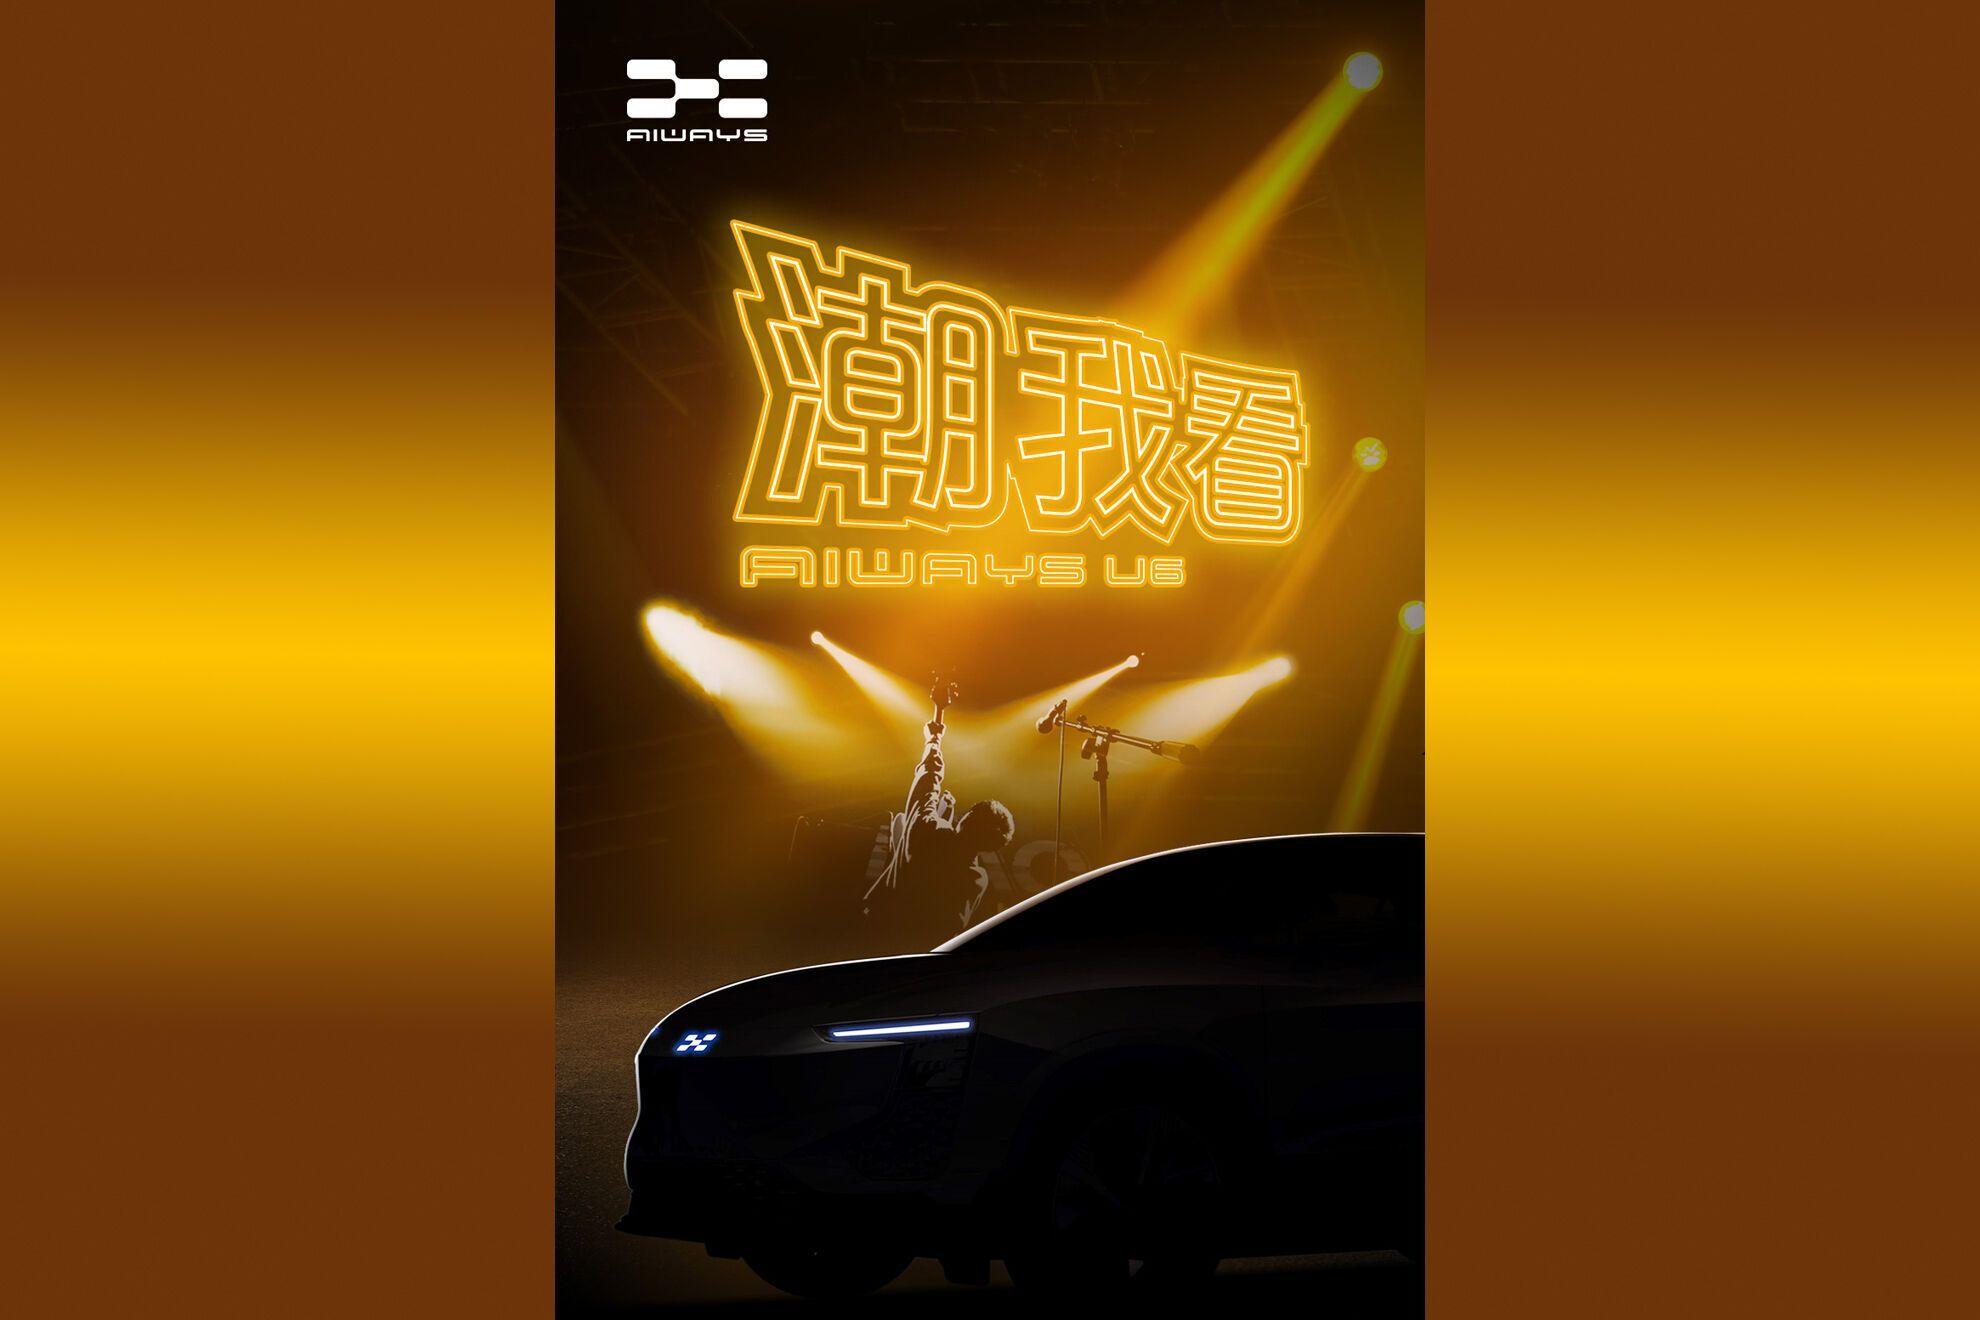 Презентація новинки відбудеться у Шанхаї у рамках музичного фестивалю Guochao Music Carnival 2021